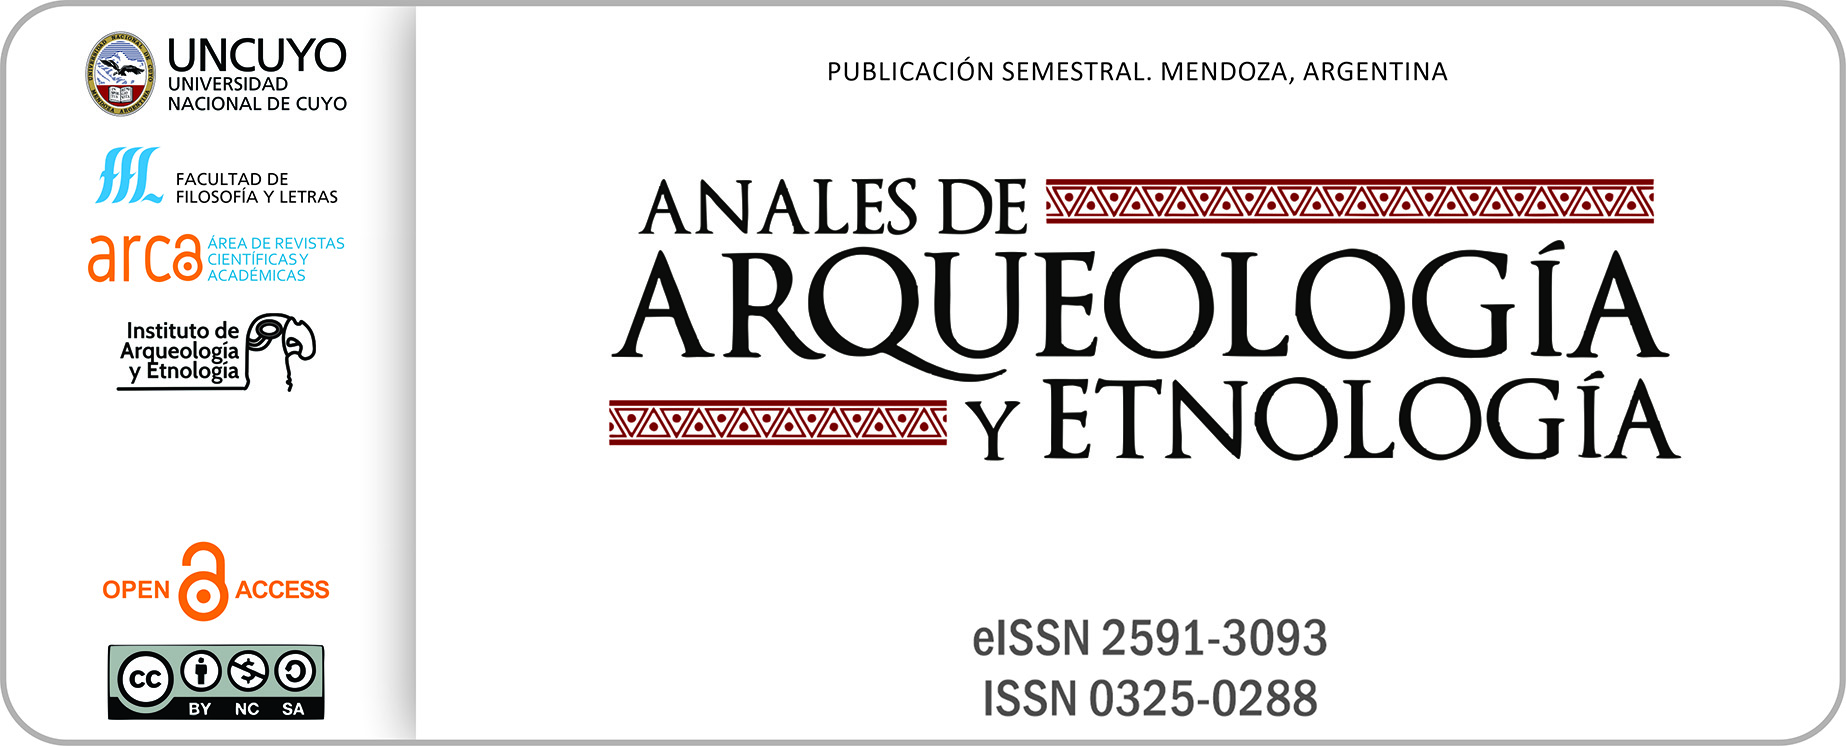 Revista Anales de Arqueología y Etnología